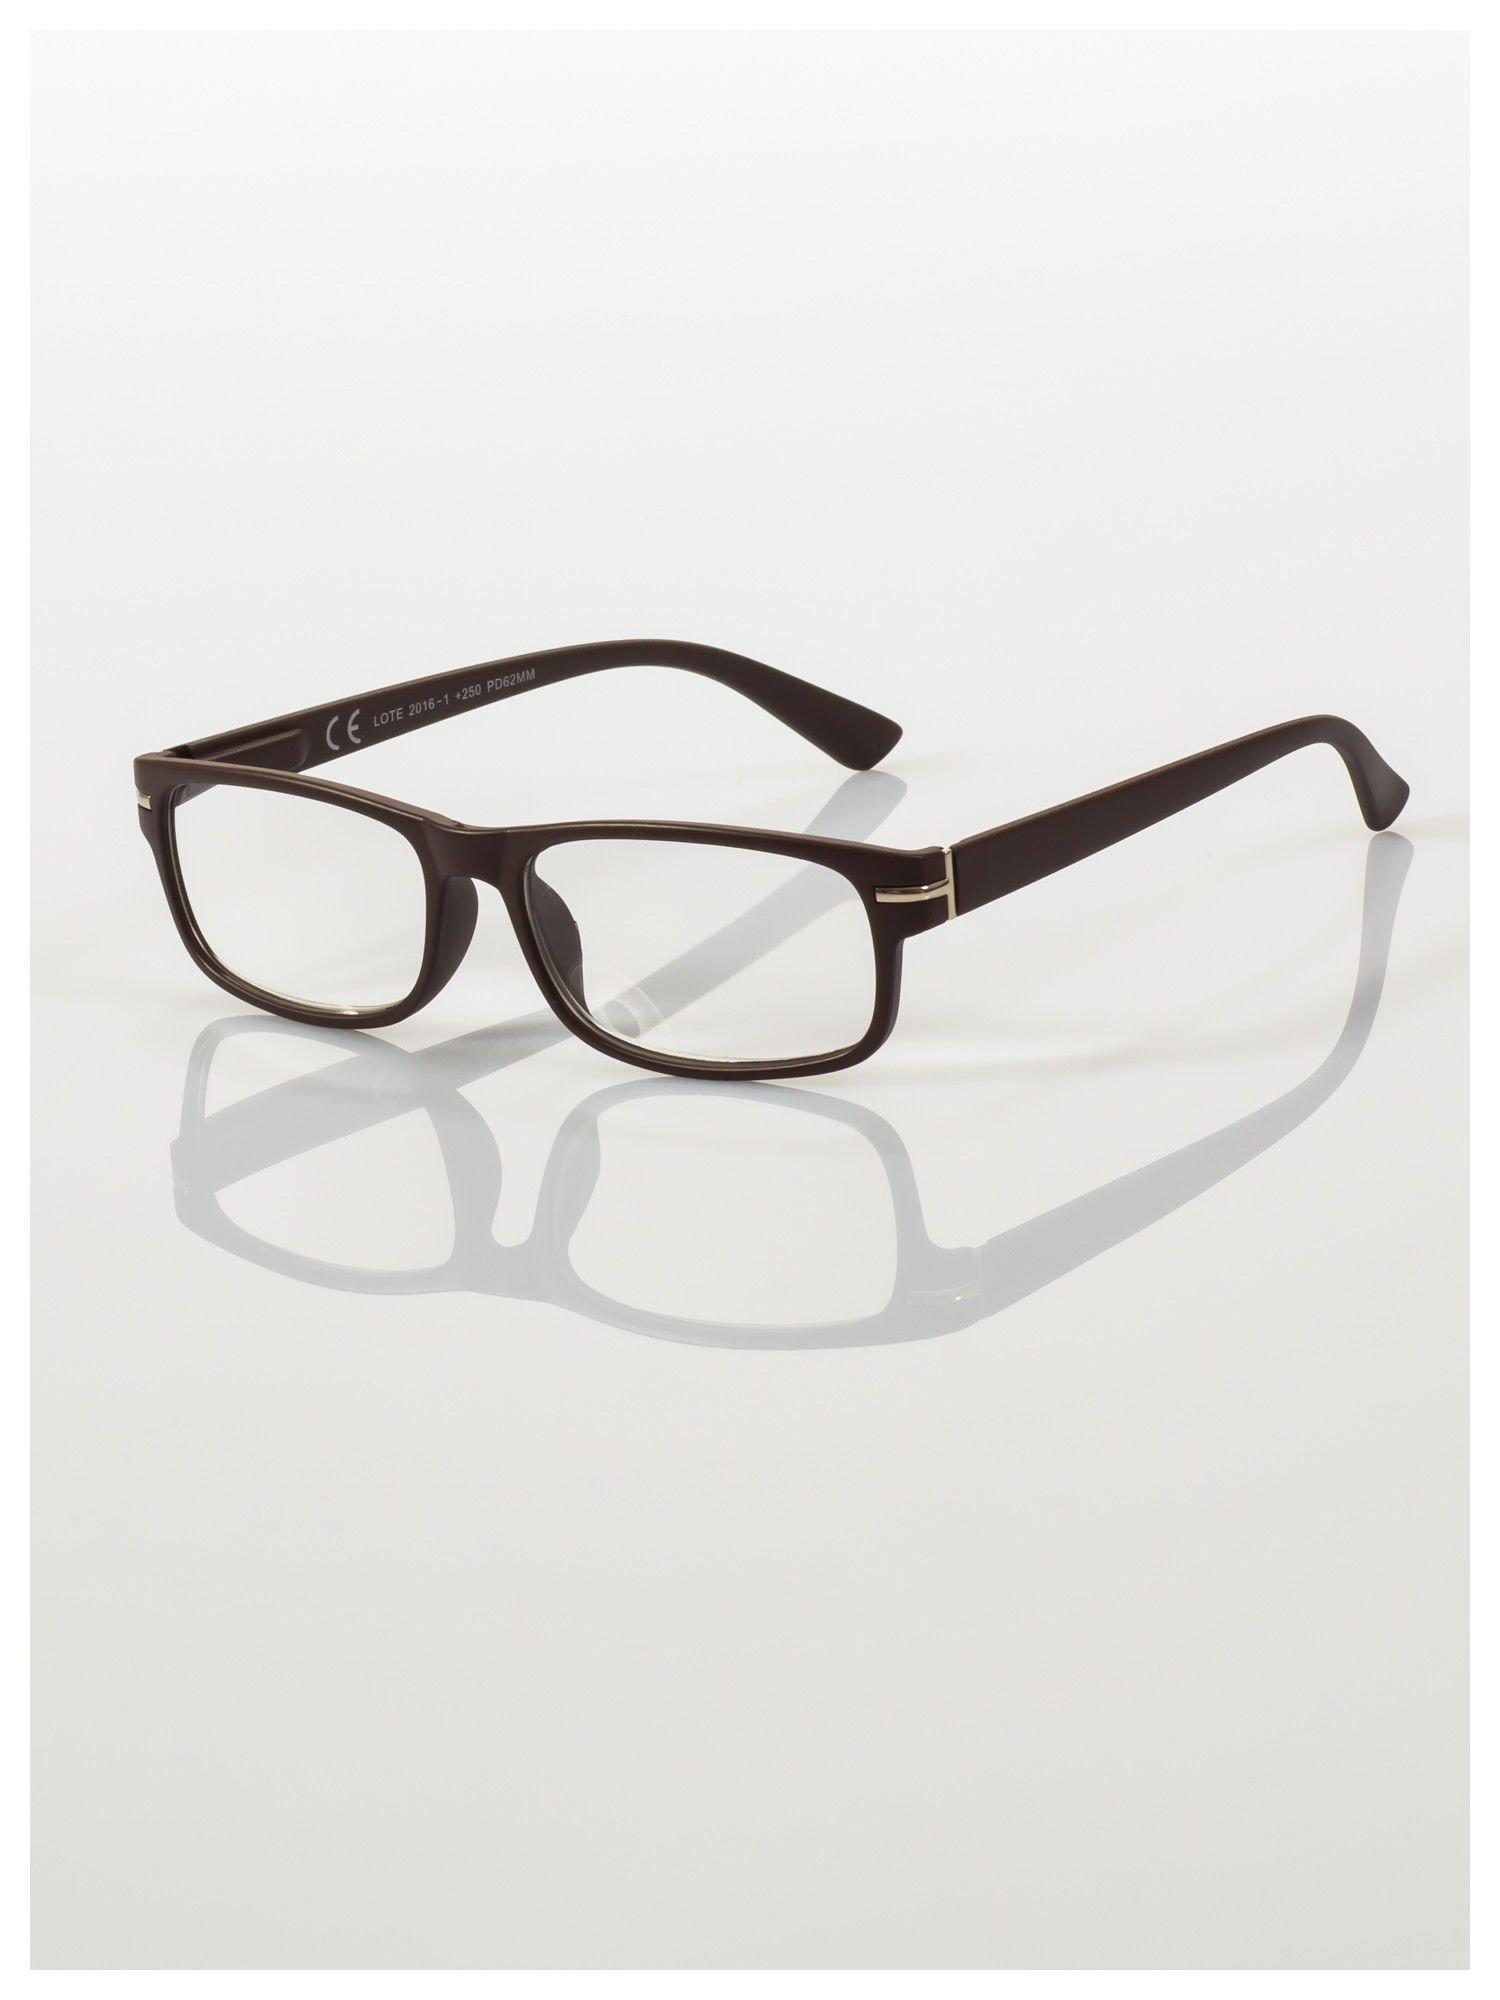 Eleganckie brązowe matowe korekcyjne okulary do czytania +1.5 D  z sytemem FLEX na zausznikach                                  zdj.                                  1